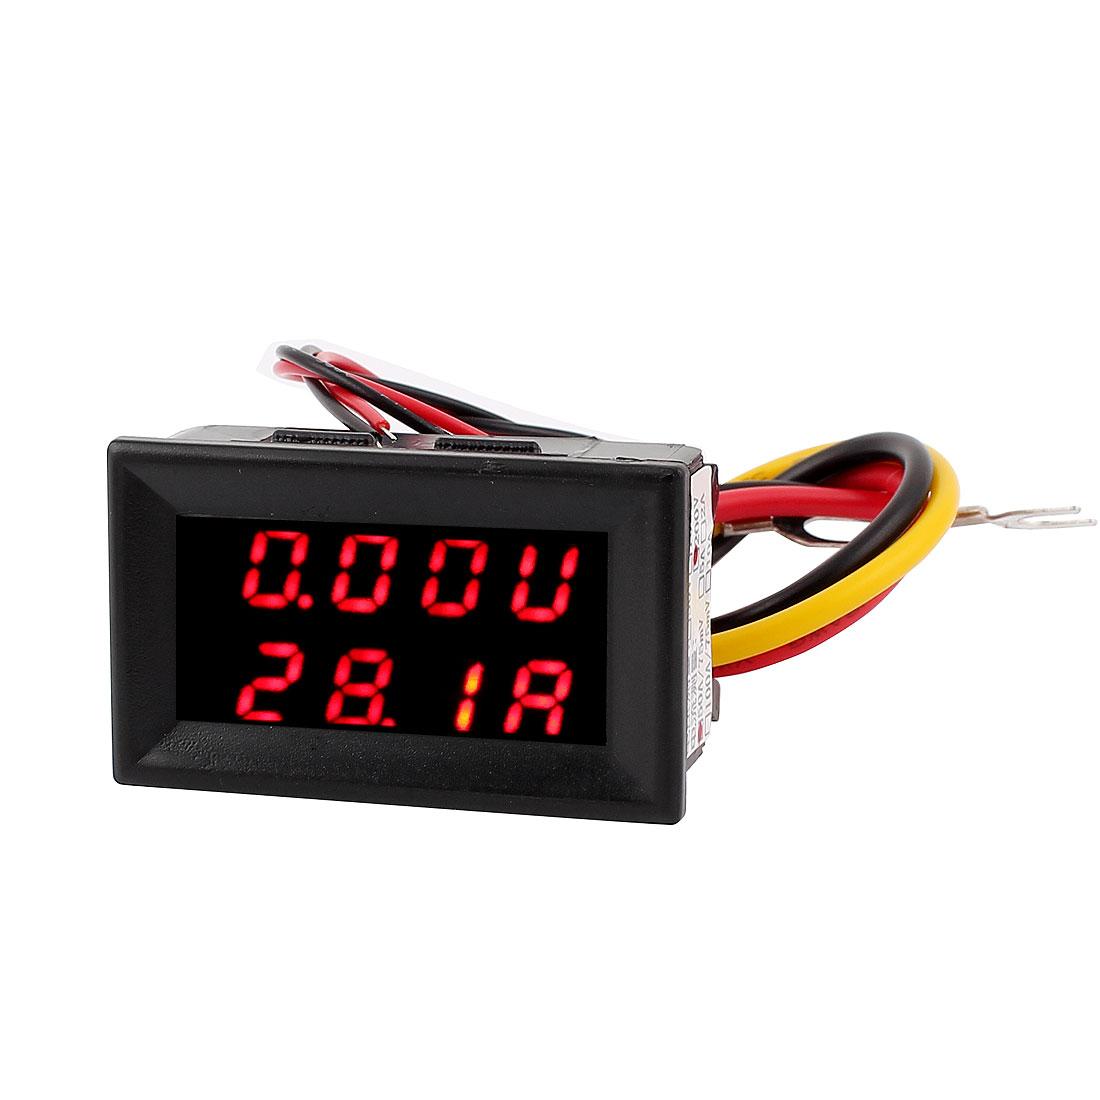 DC 0-200V 0-50A Red LED Dual Digital Display Panel Voltmeter Ammeter Meter